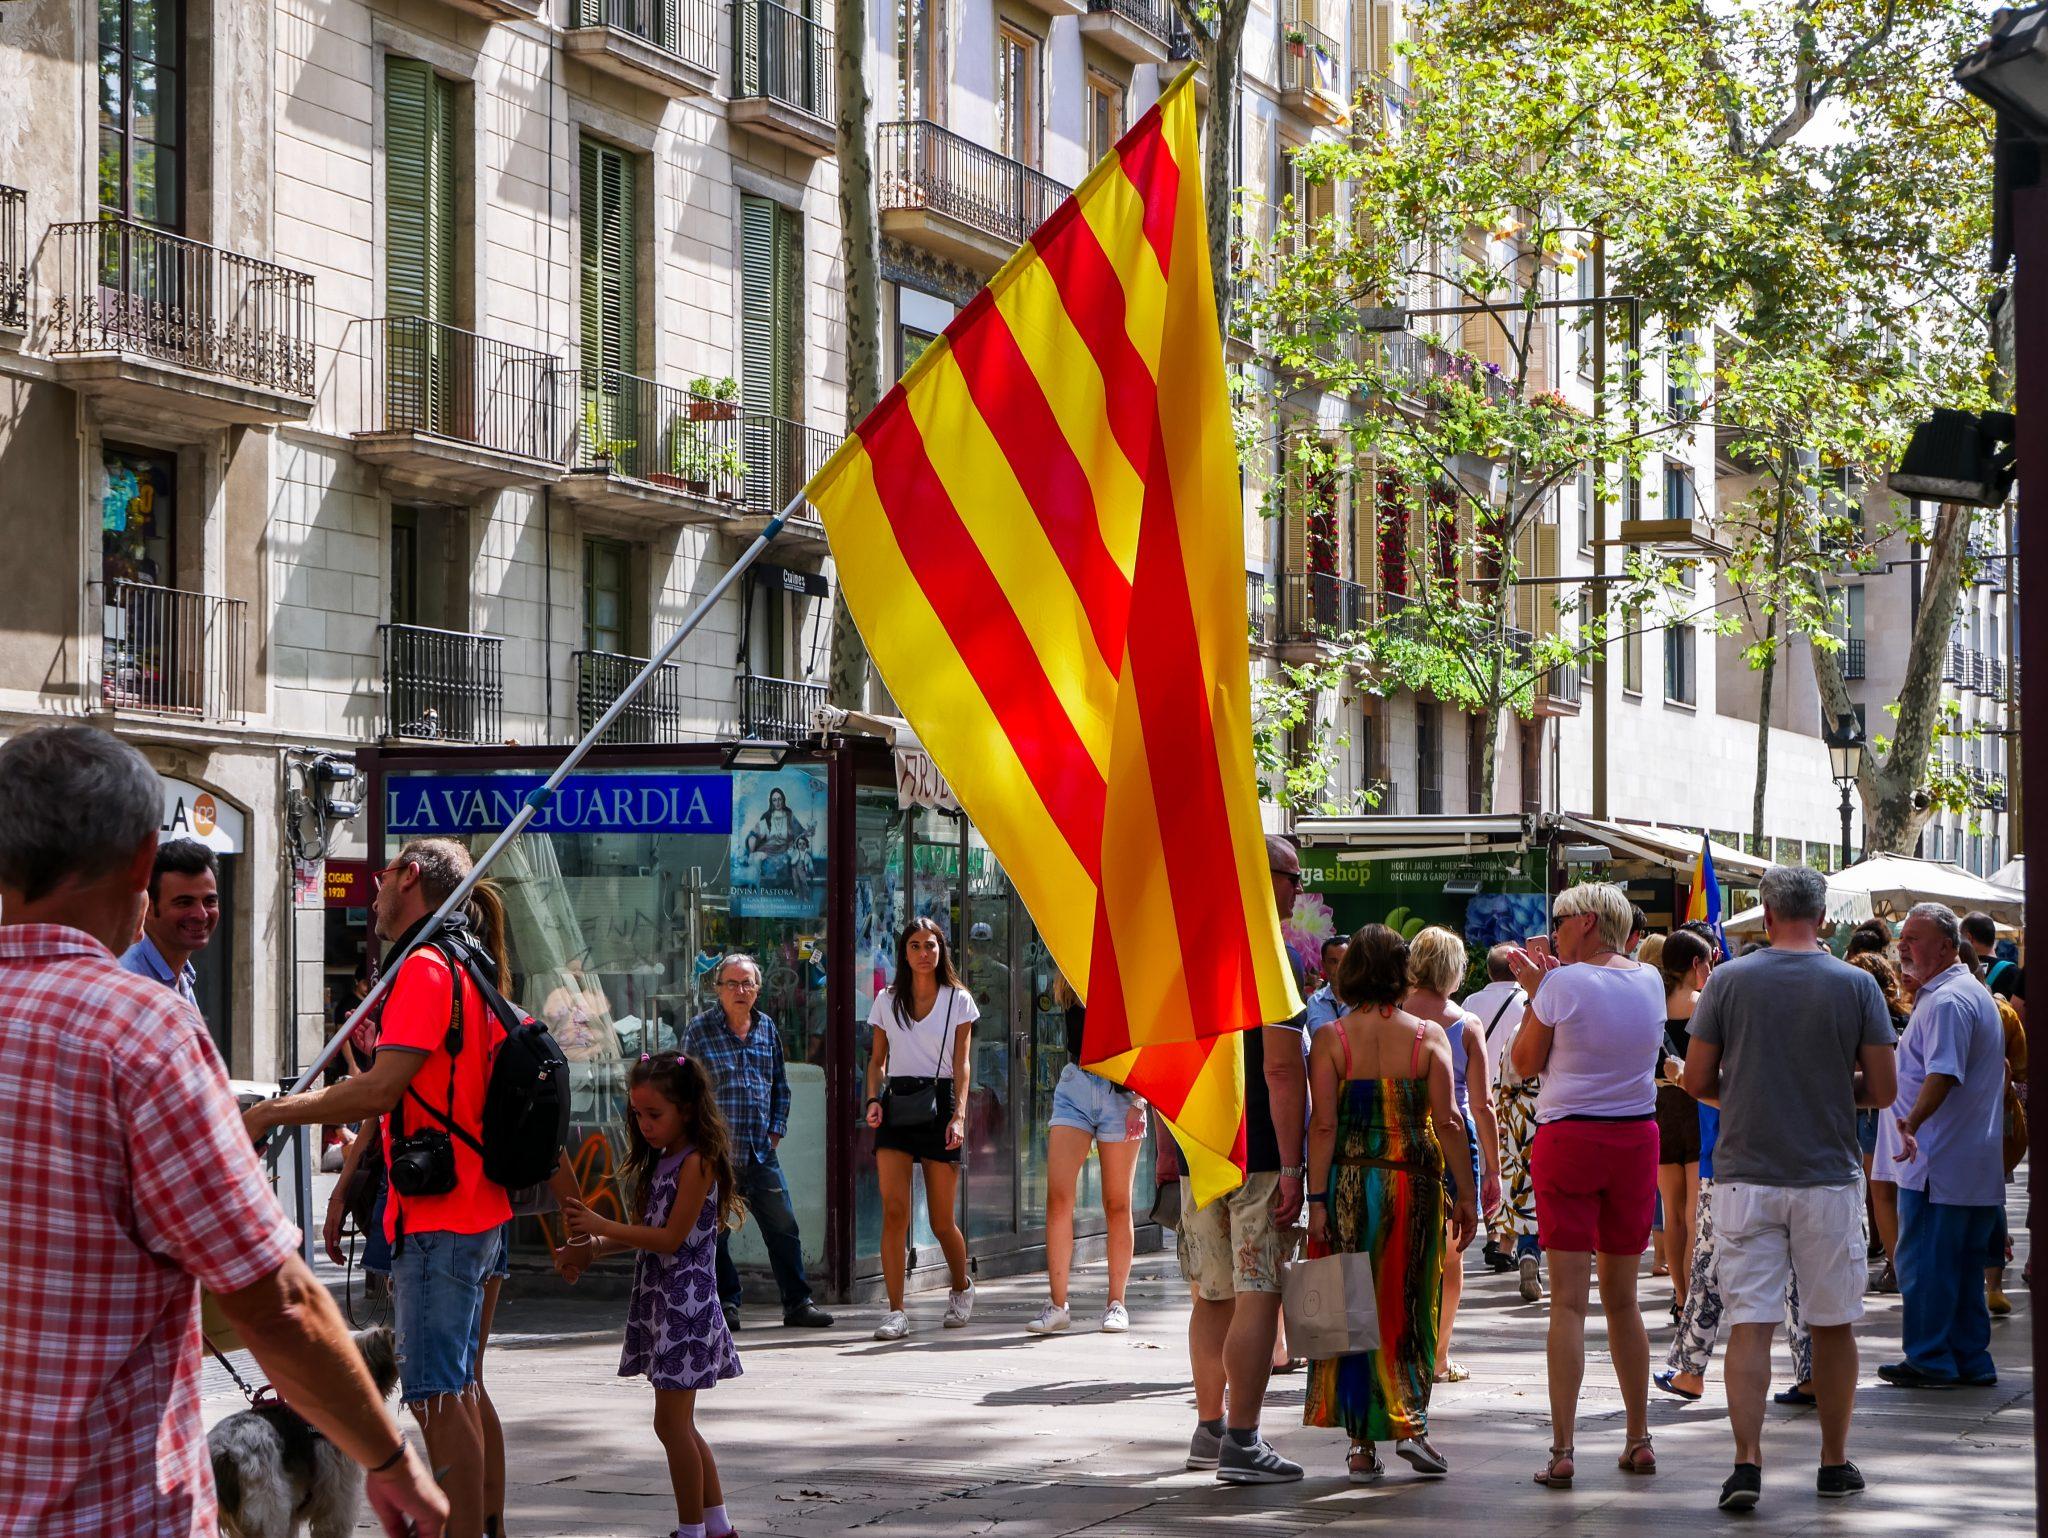 Eine der wenigen offiziellen Flaggen während des Día de Cataluña in Barcelona. Dafür jedoch in Übergröße.